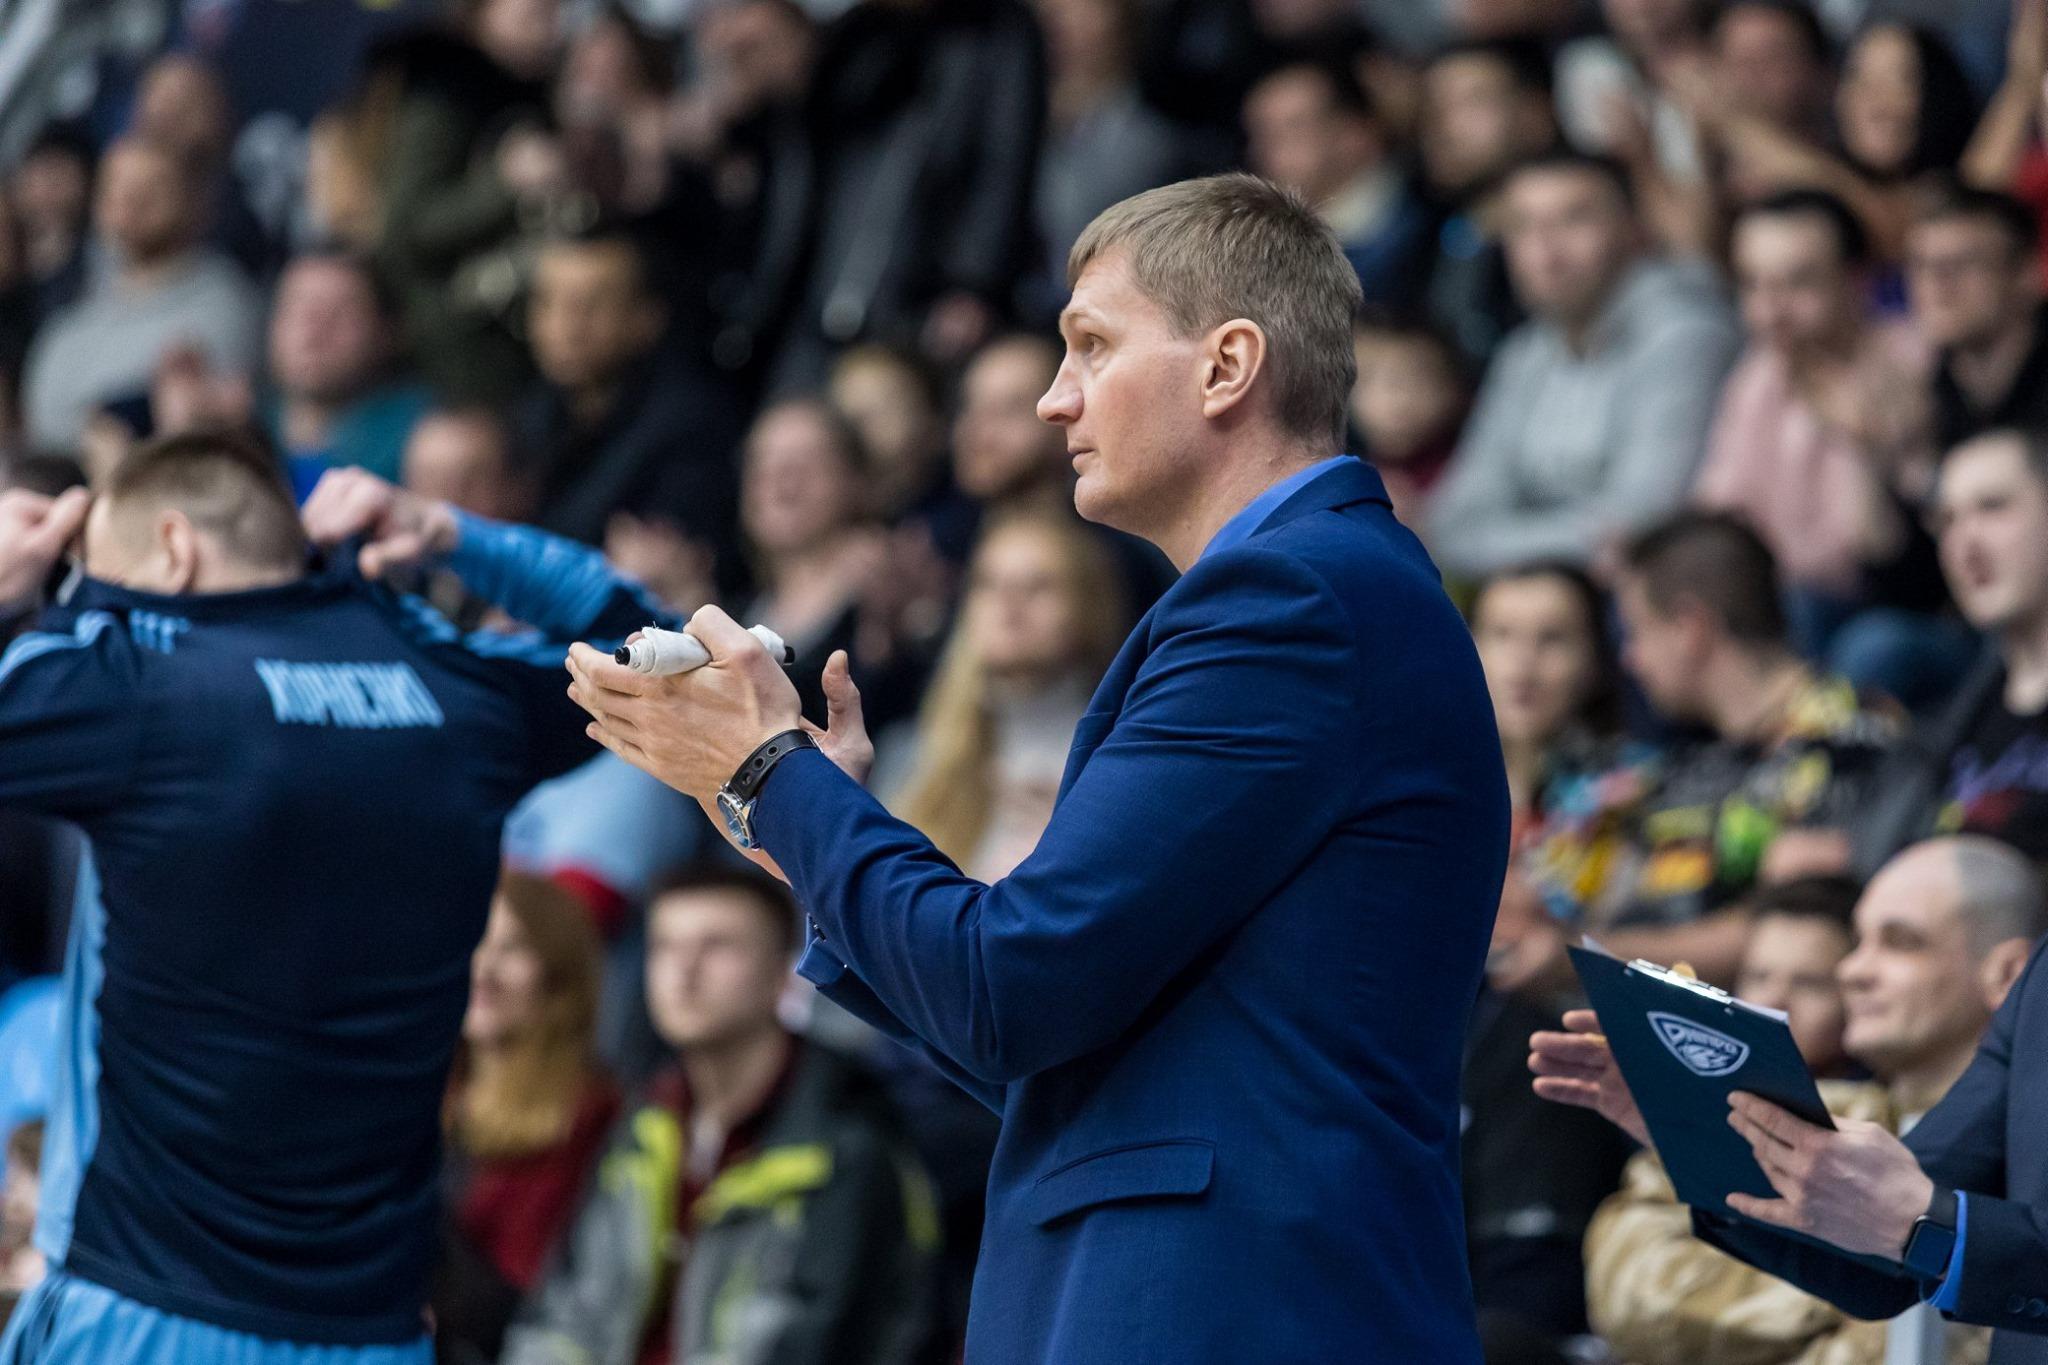 Денис Журавльов: підготовку до нового сезону плануватимемо відповідно до дат його початку